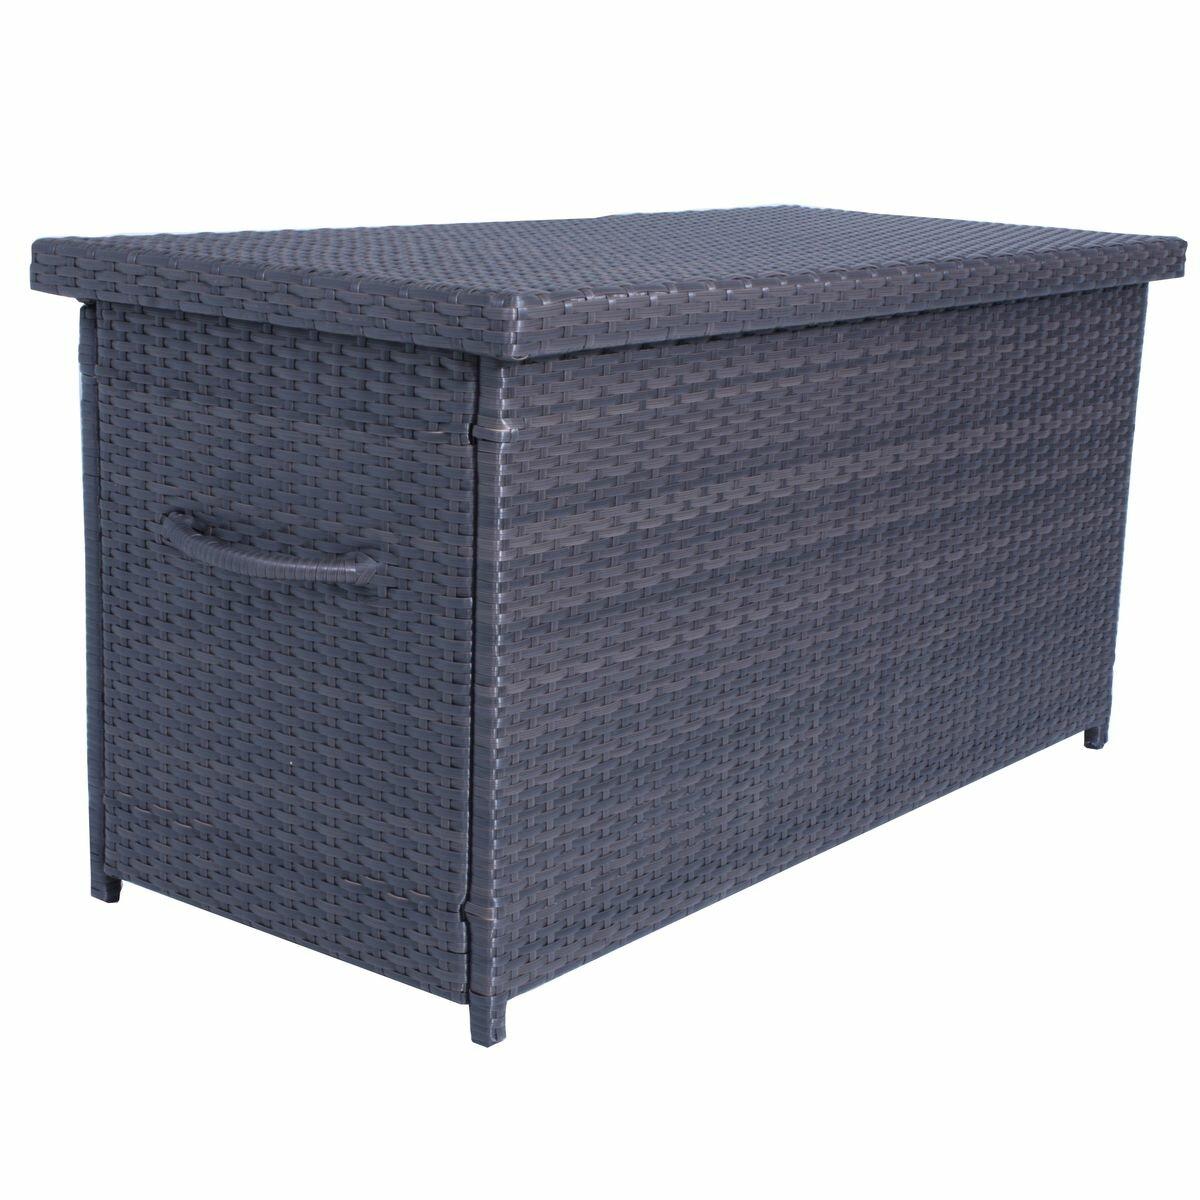 harms import gartenbox athen aus metall und kunststoff bewertungen. Black Bedroom Furniture Sets. Home Design Ideas